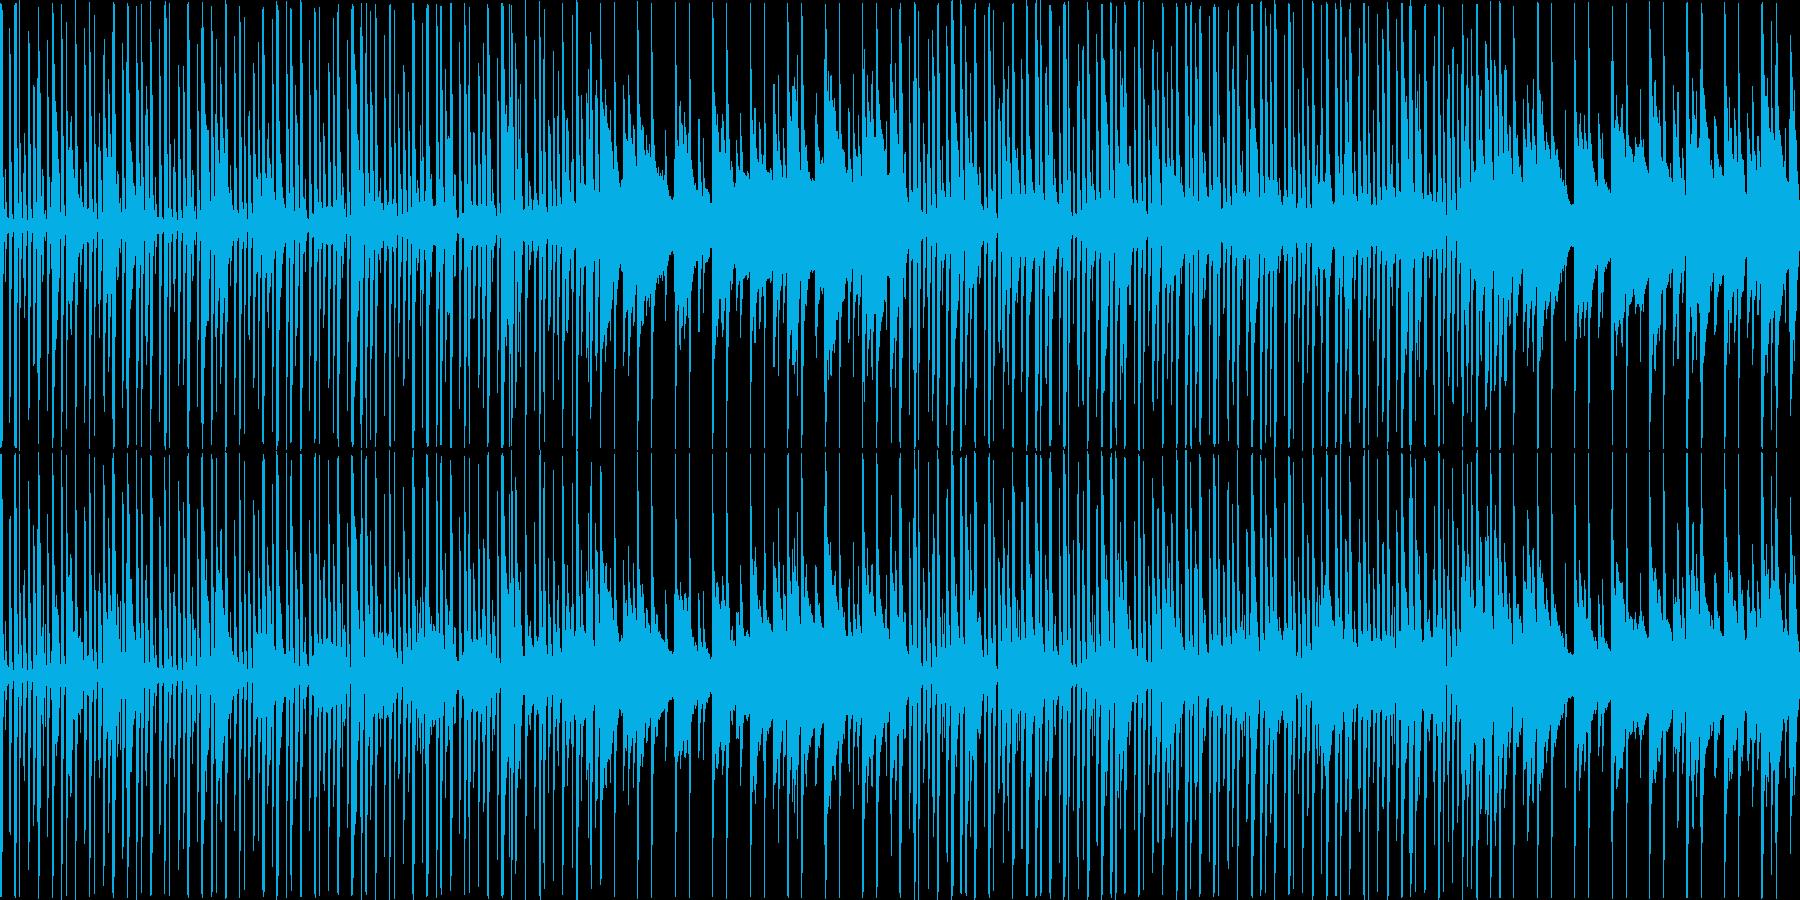 ほのぼの明るい素朴なBGMの再生済みの波形